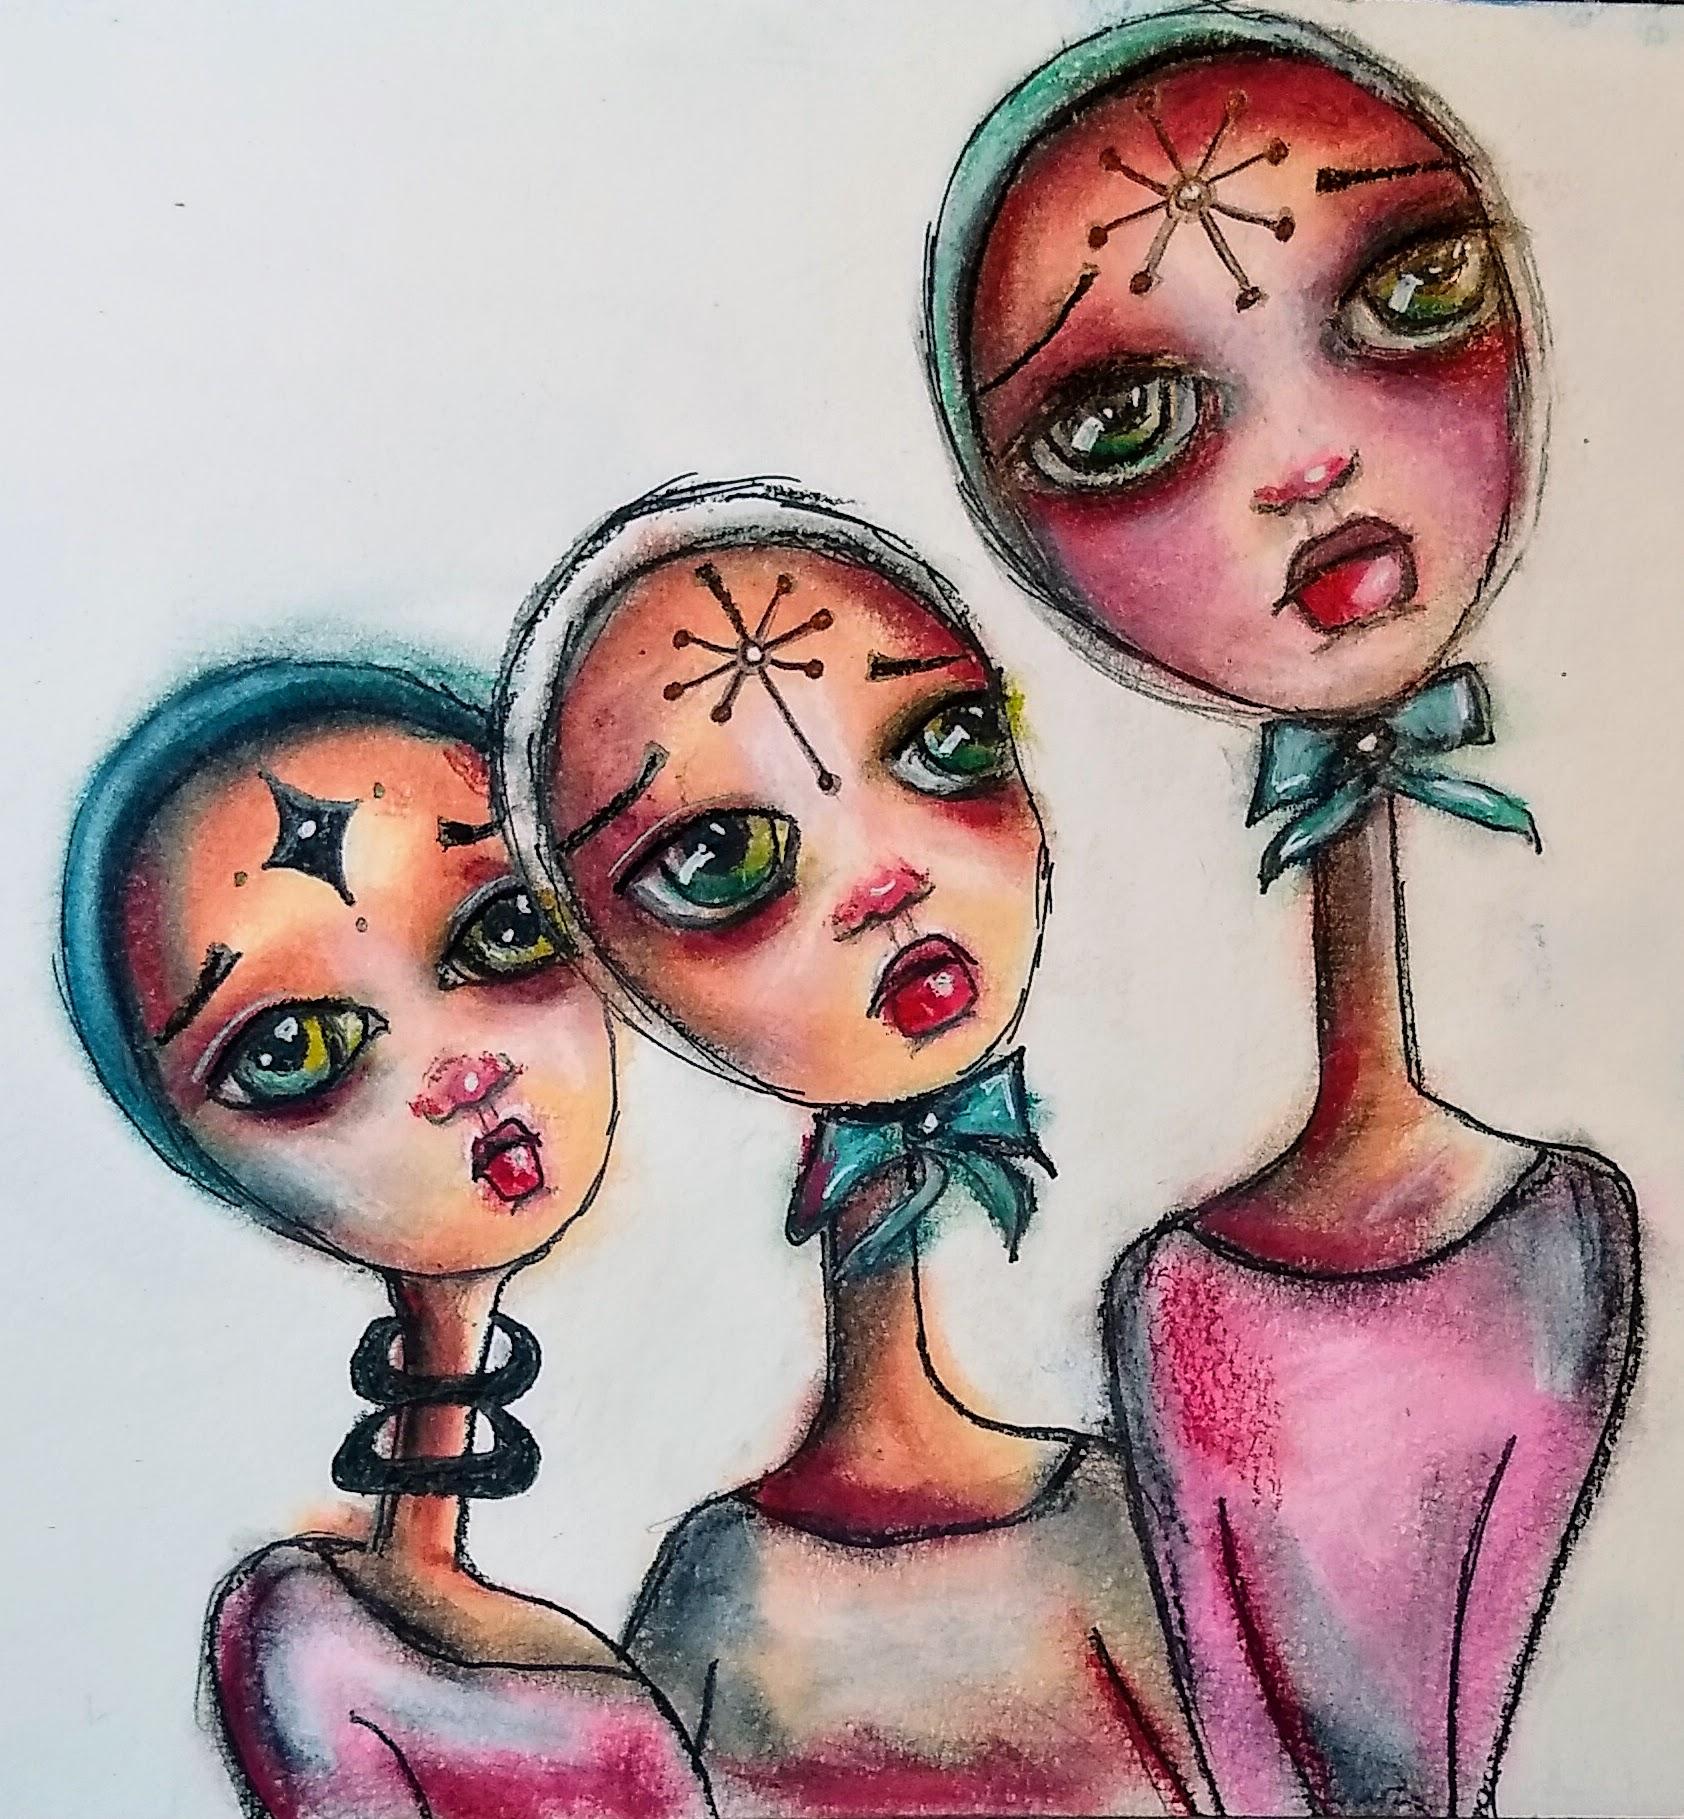 Alien Handmaids